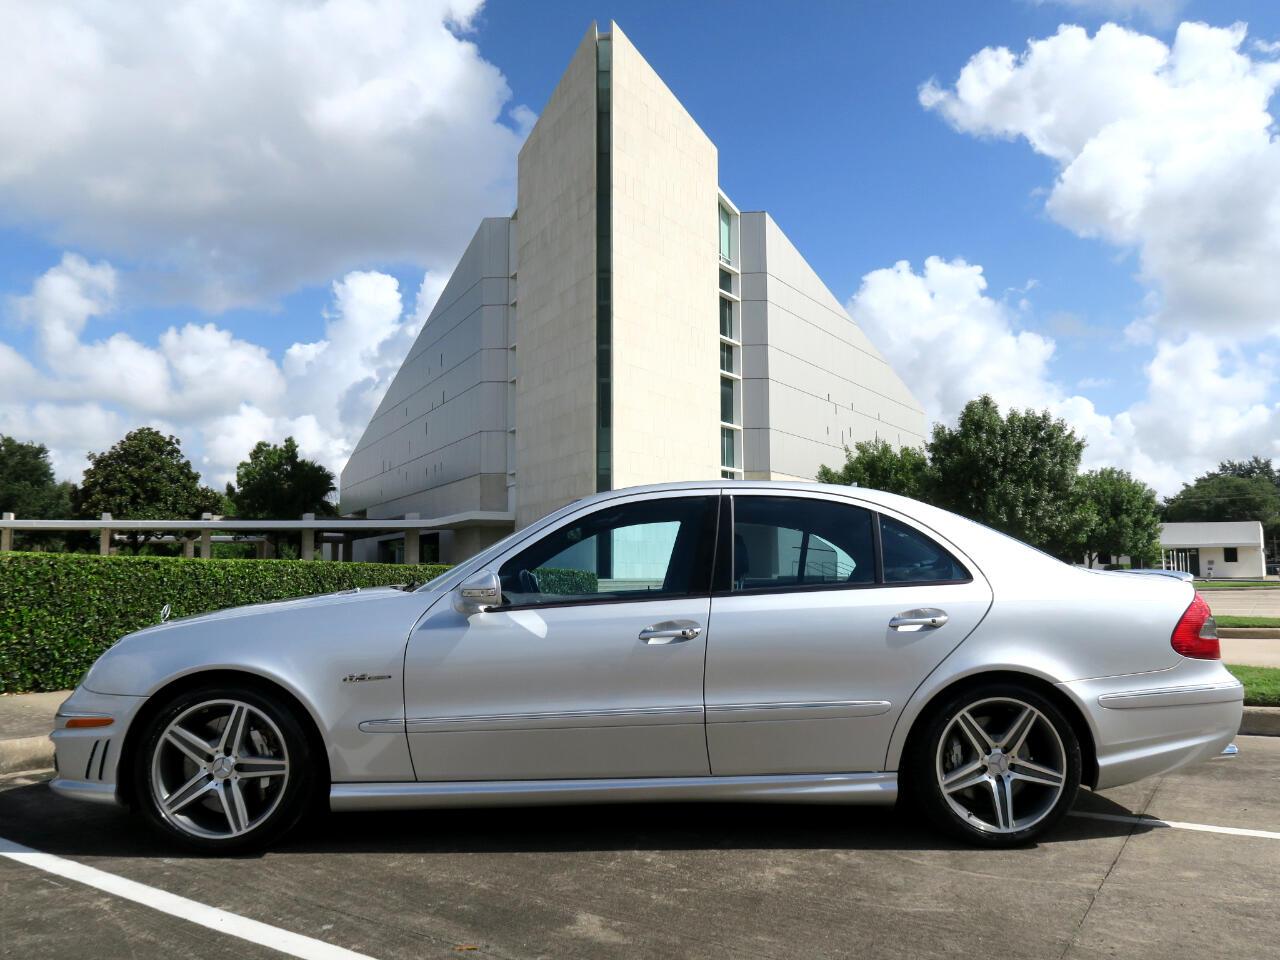 Mercedes-Benz E-Class 4dr Sdn 6.3L AMG RWD 2008